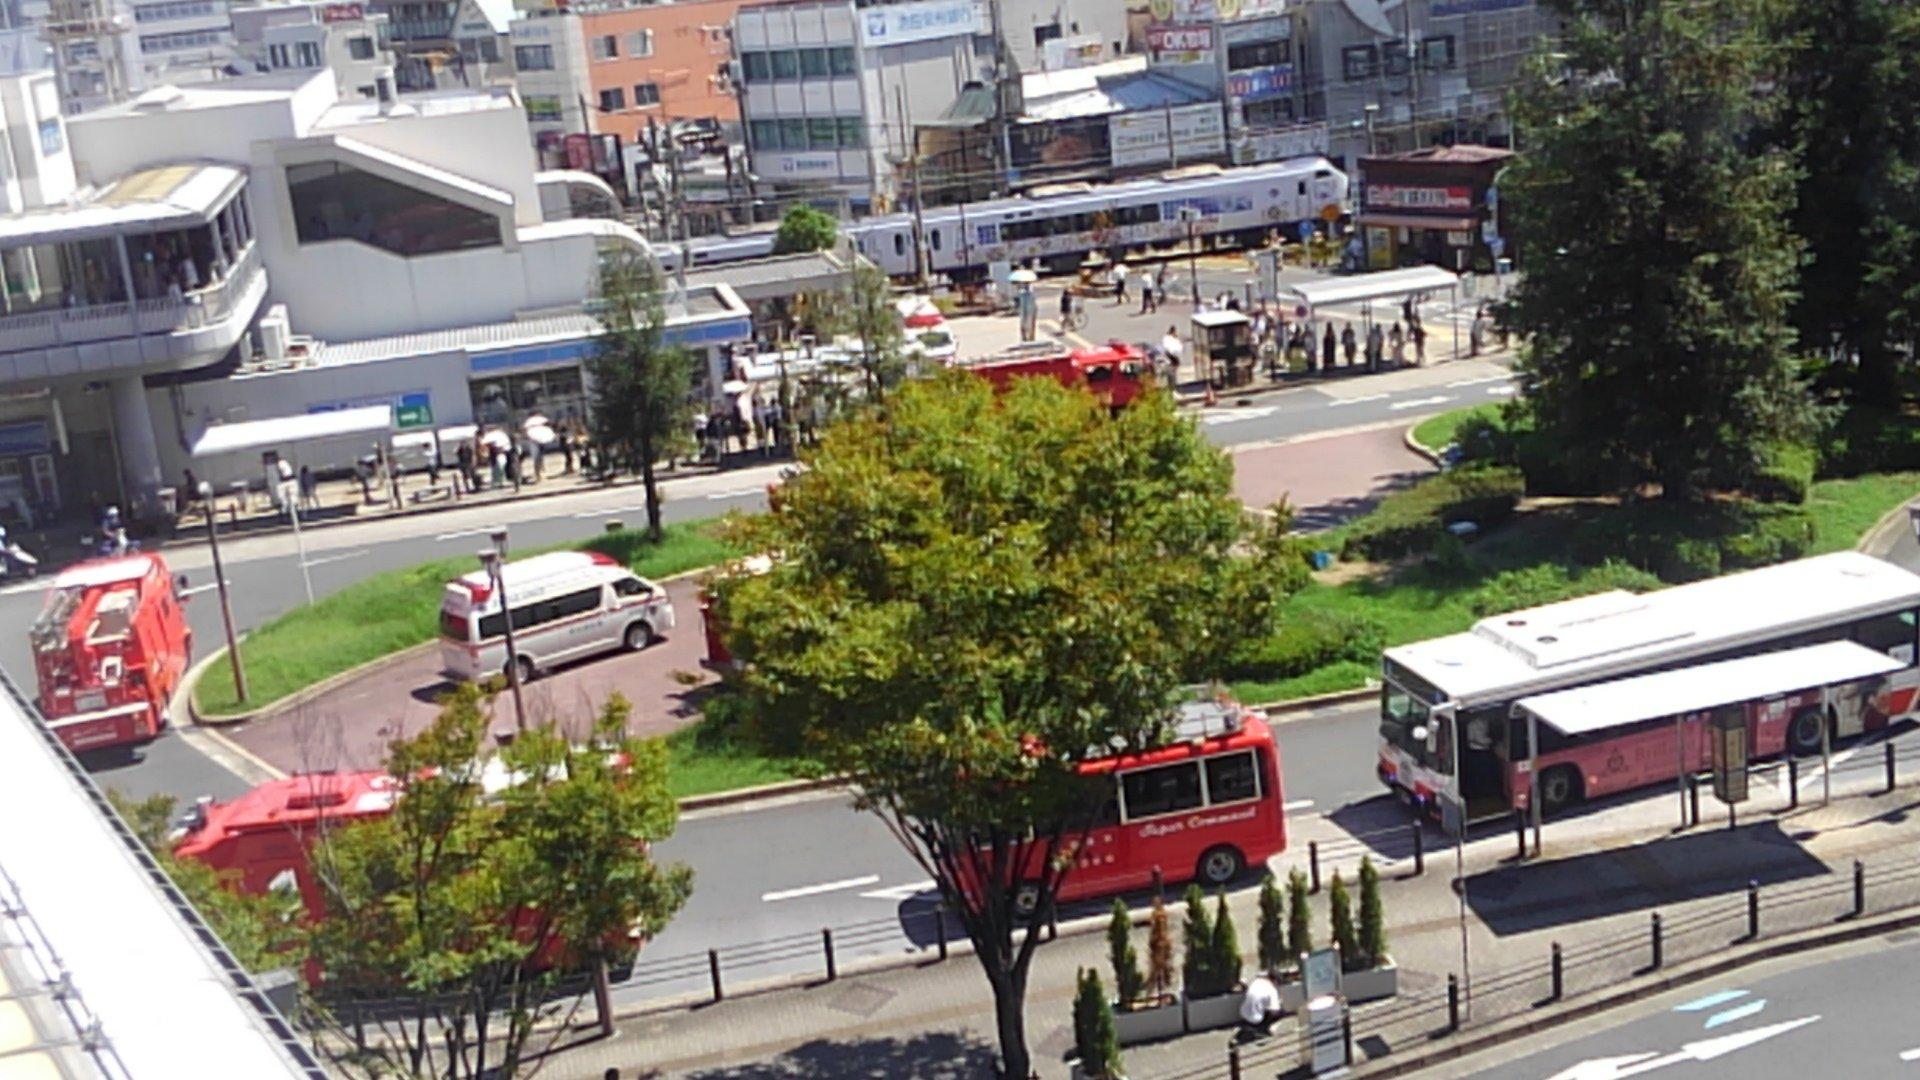 阪和線の堺市駅でハローキティはるかと人が接触した人身事故の現場画像